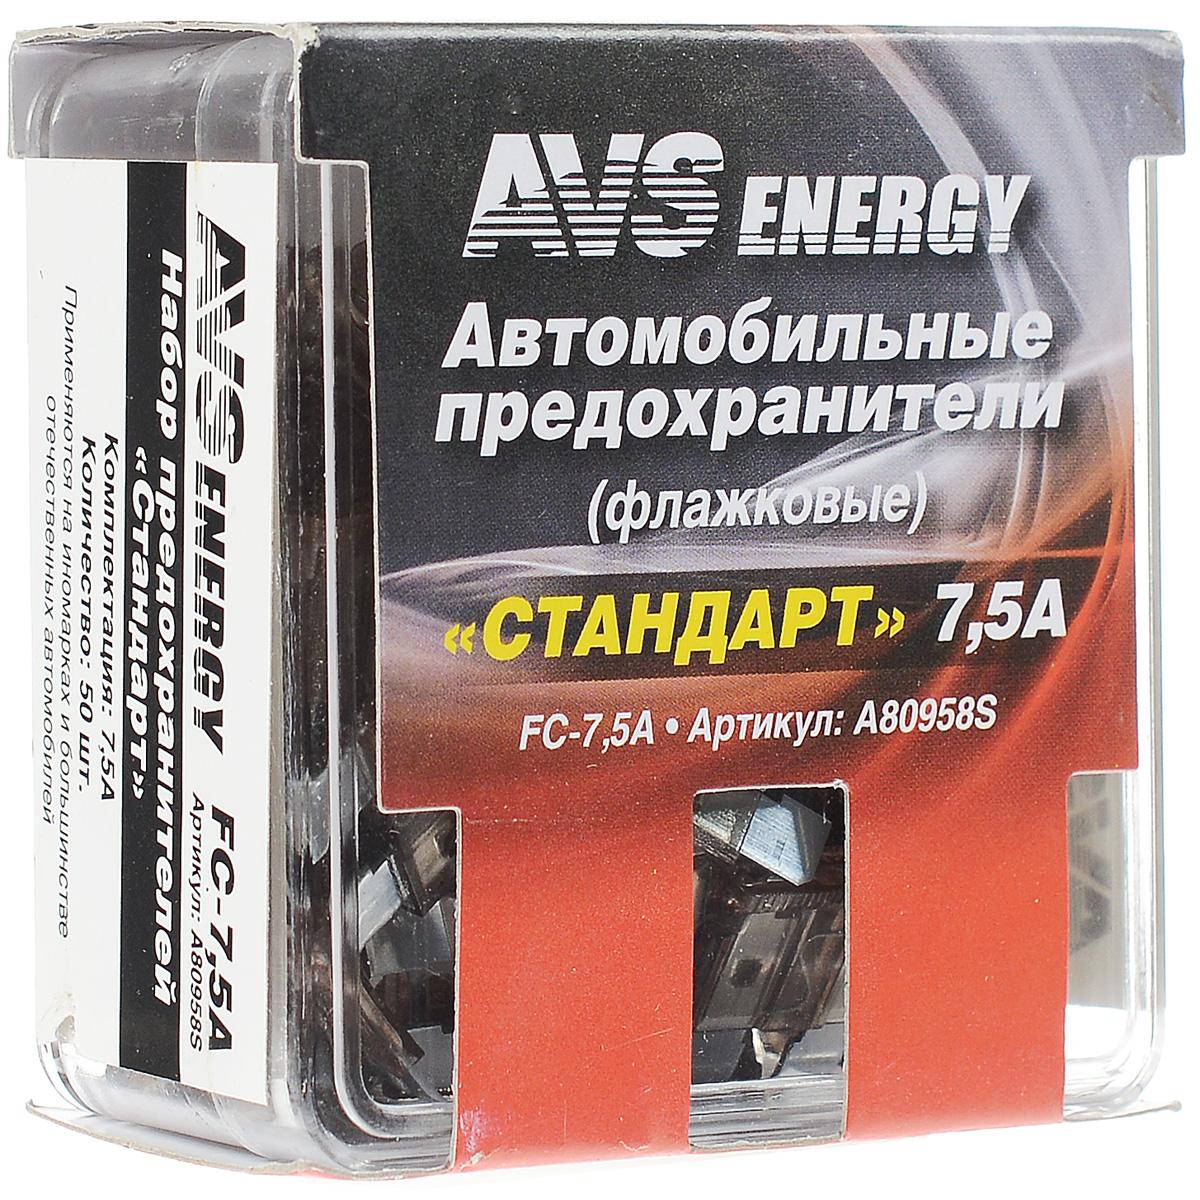 Набор автомобильных предохранителей AVS Стандарт, 7,5А, 50 шт93728793Автомобильные флажковые предохранители AVS помогут защитить электрические цепи автомобиля от короткого замыкания и позволят без проблем заменить сгоревший предохранитель в автомобиле. Корпус предохранителя выполнен из прозрачного пластика, а элемент - из цинкового сплава. Набор автомобильных предохранителей Стандарт применяется на иномарках и большинстве отечественных автомобилей. Номинал: 7,5А. Тип: флажковые.